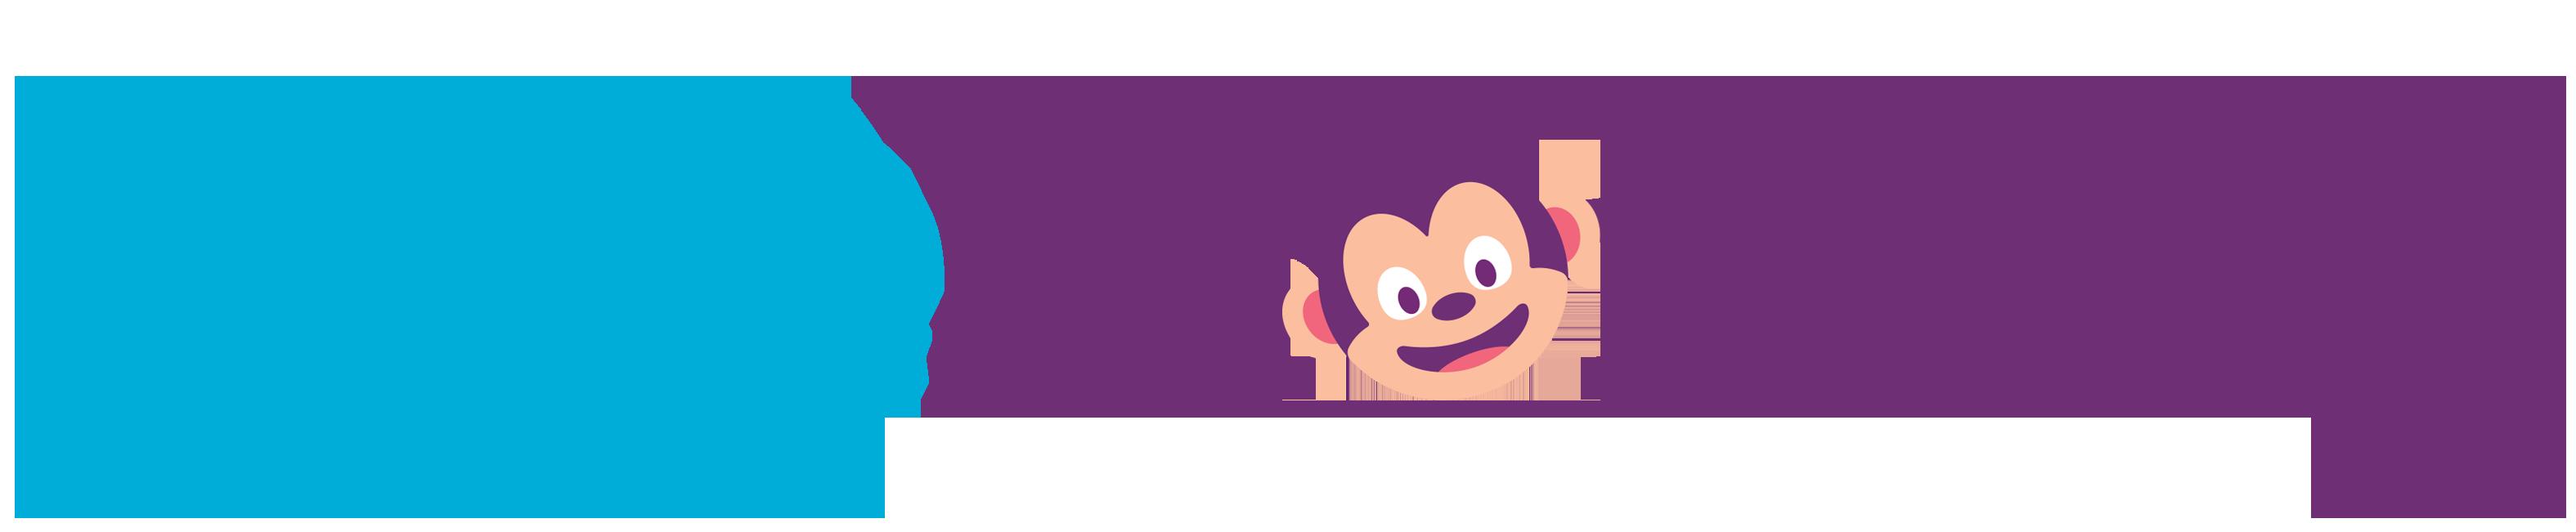 CareMonkey